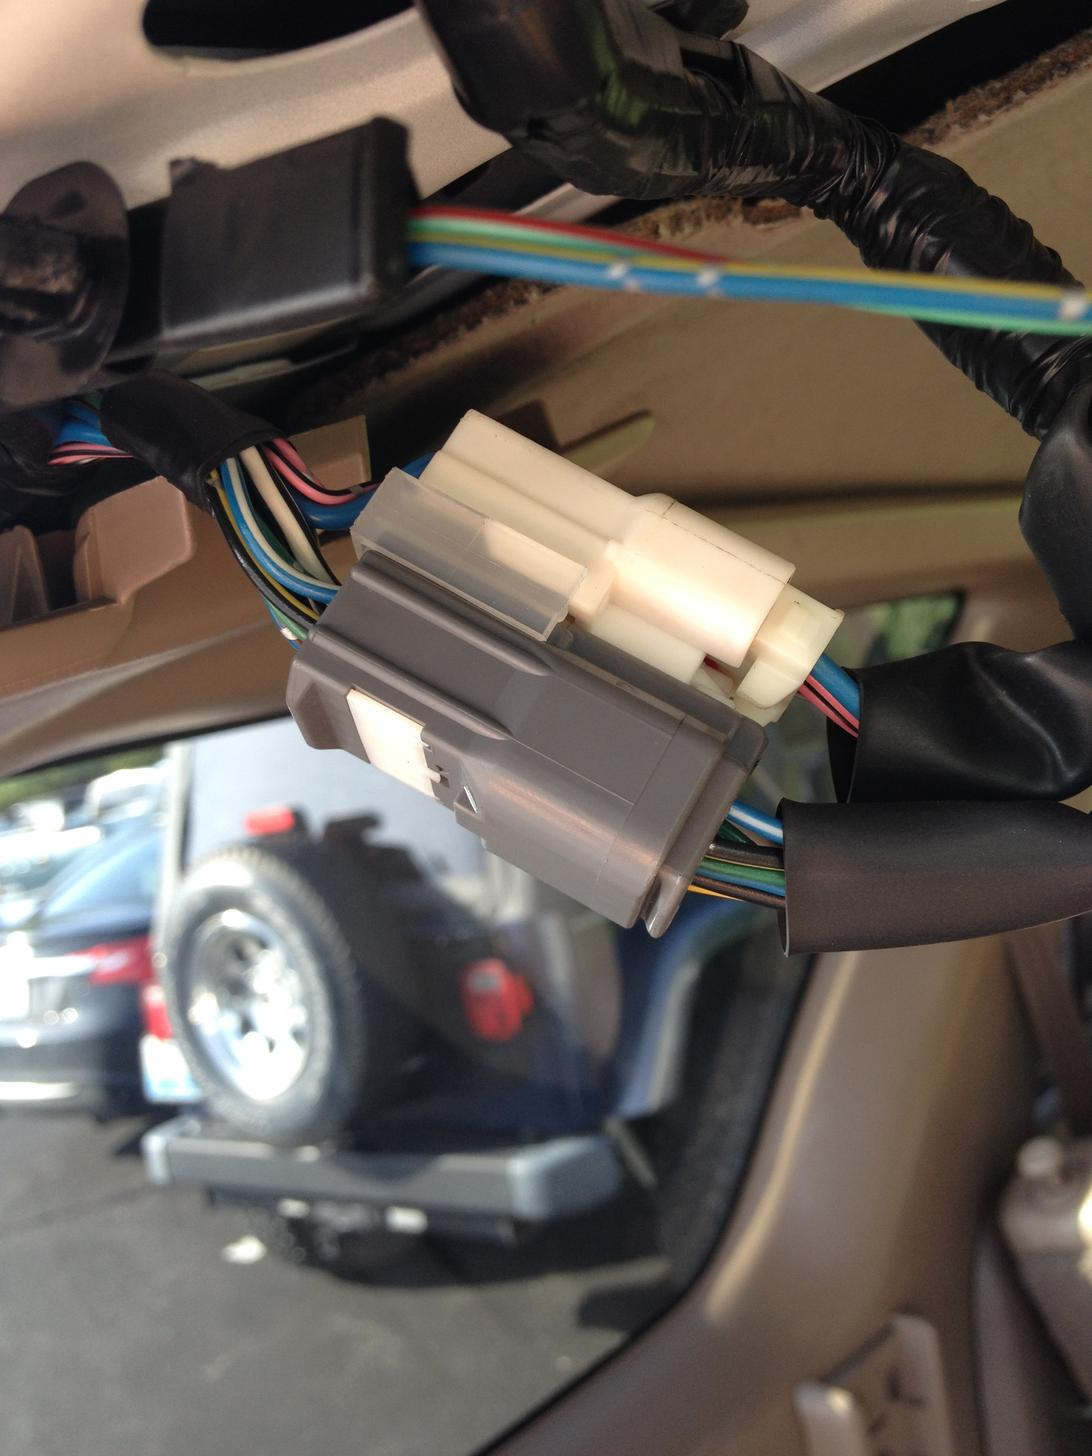 Runner Liftgate Wiring Diagram on toyota wiring diagram, 1995 4runner wiring diagram, 2000 4runner radiator, 2000 4runner rear suspension, home wiring diagram, 2000 4runner engine swap, 2000 4runner firing order, 2000 4runner repair manual, 1996 4runner wiring diagram, 2000 4runner thermostat, 2000 4runner motor, 1990 4runner wiring diagram, 1998 4runner wiring diagram, 2000 4runner schematic, 2000 4runner maintenance schedule, 2000 4runner frame, 2000 4runner starter, 2000 4runner distributor, 2000 4runner exhaust, 2000 4runner dash removal,